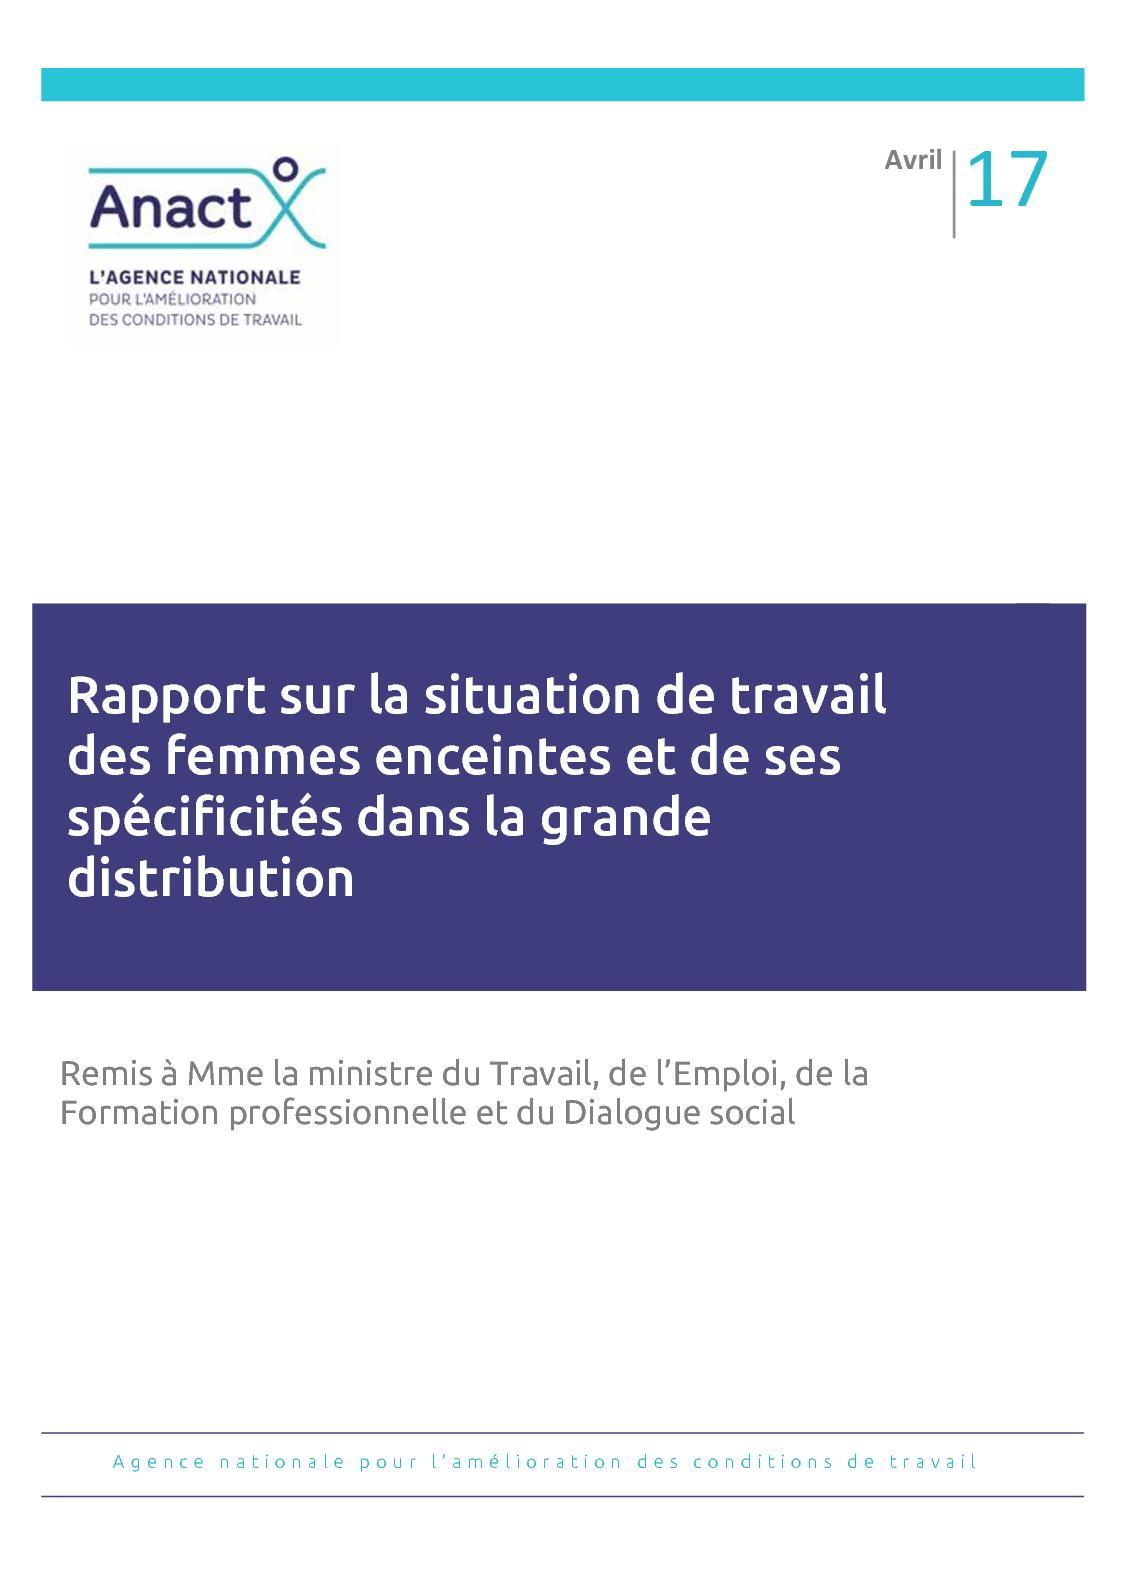 Enseigne Leclerc Nouveau Calaméo Etat Lieux Femmes Enceintes Grande Distribution Of 24 Inspirant Enseigne Leclerc